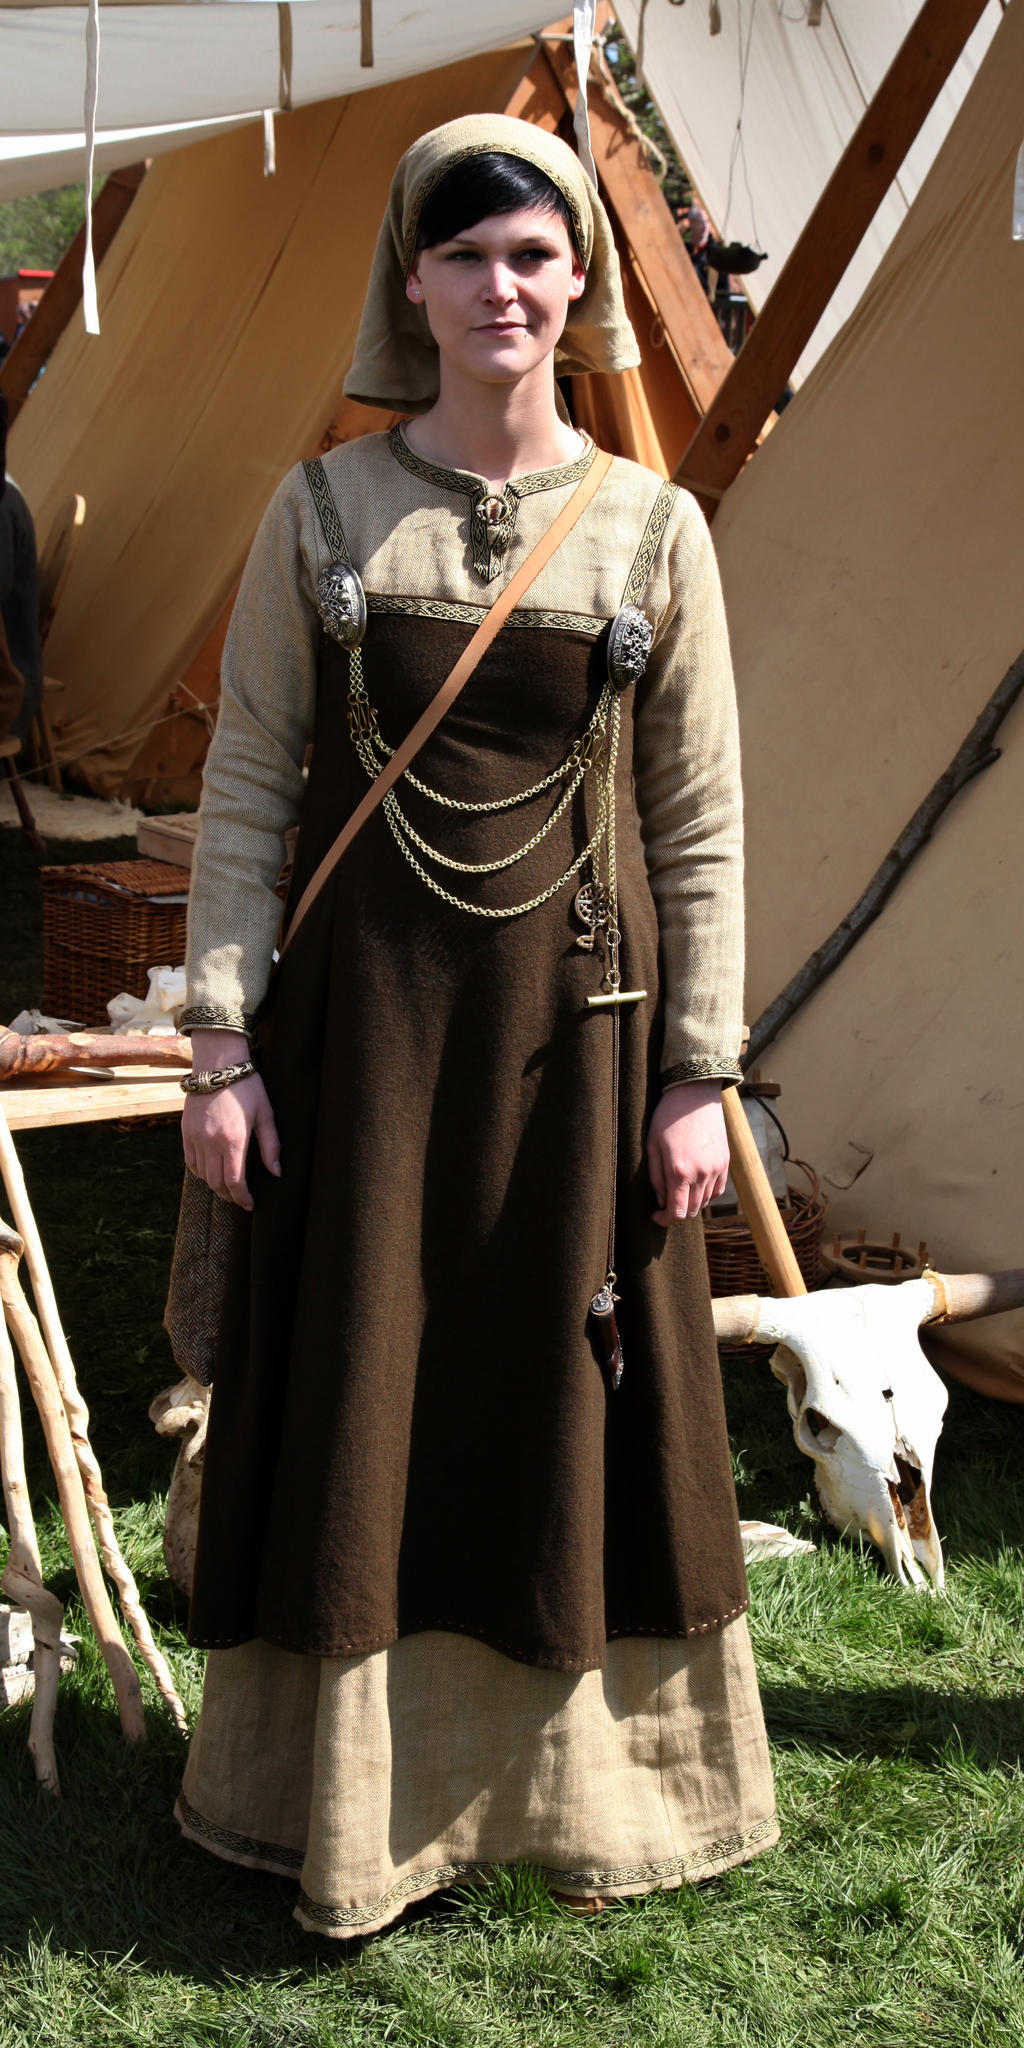 female viking clothing - photo #2